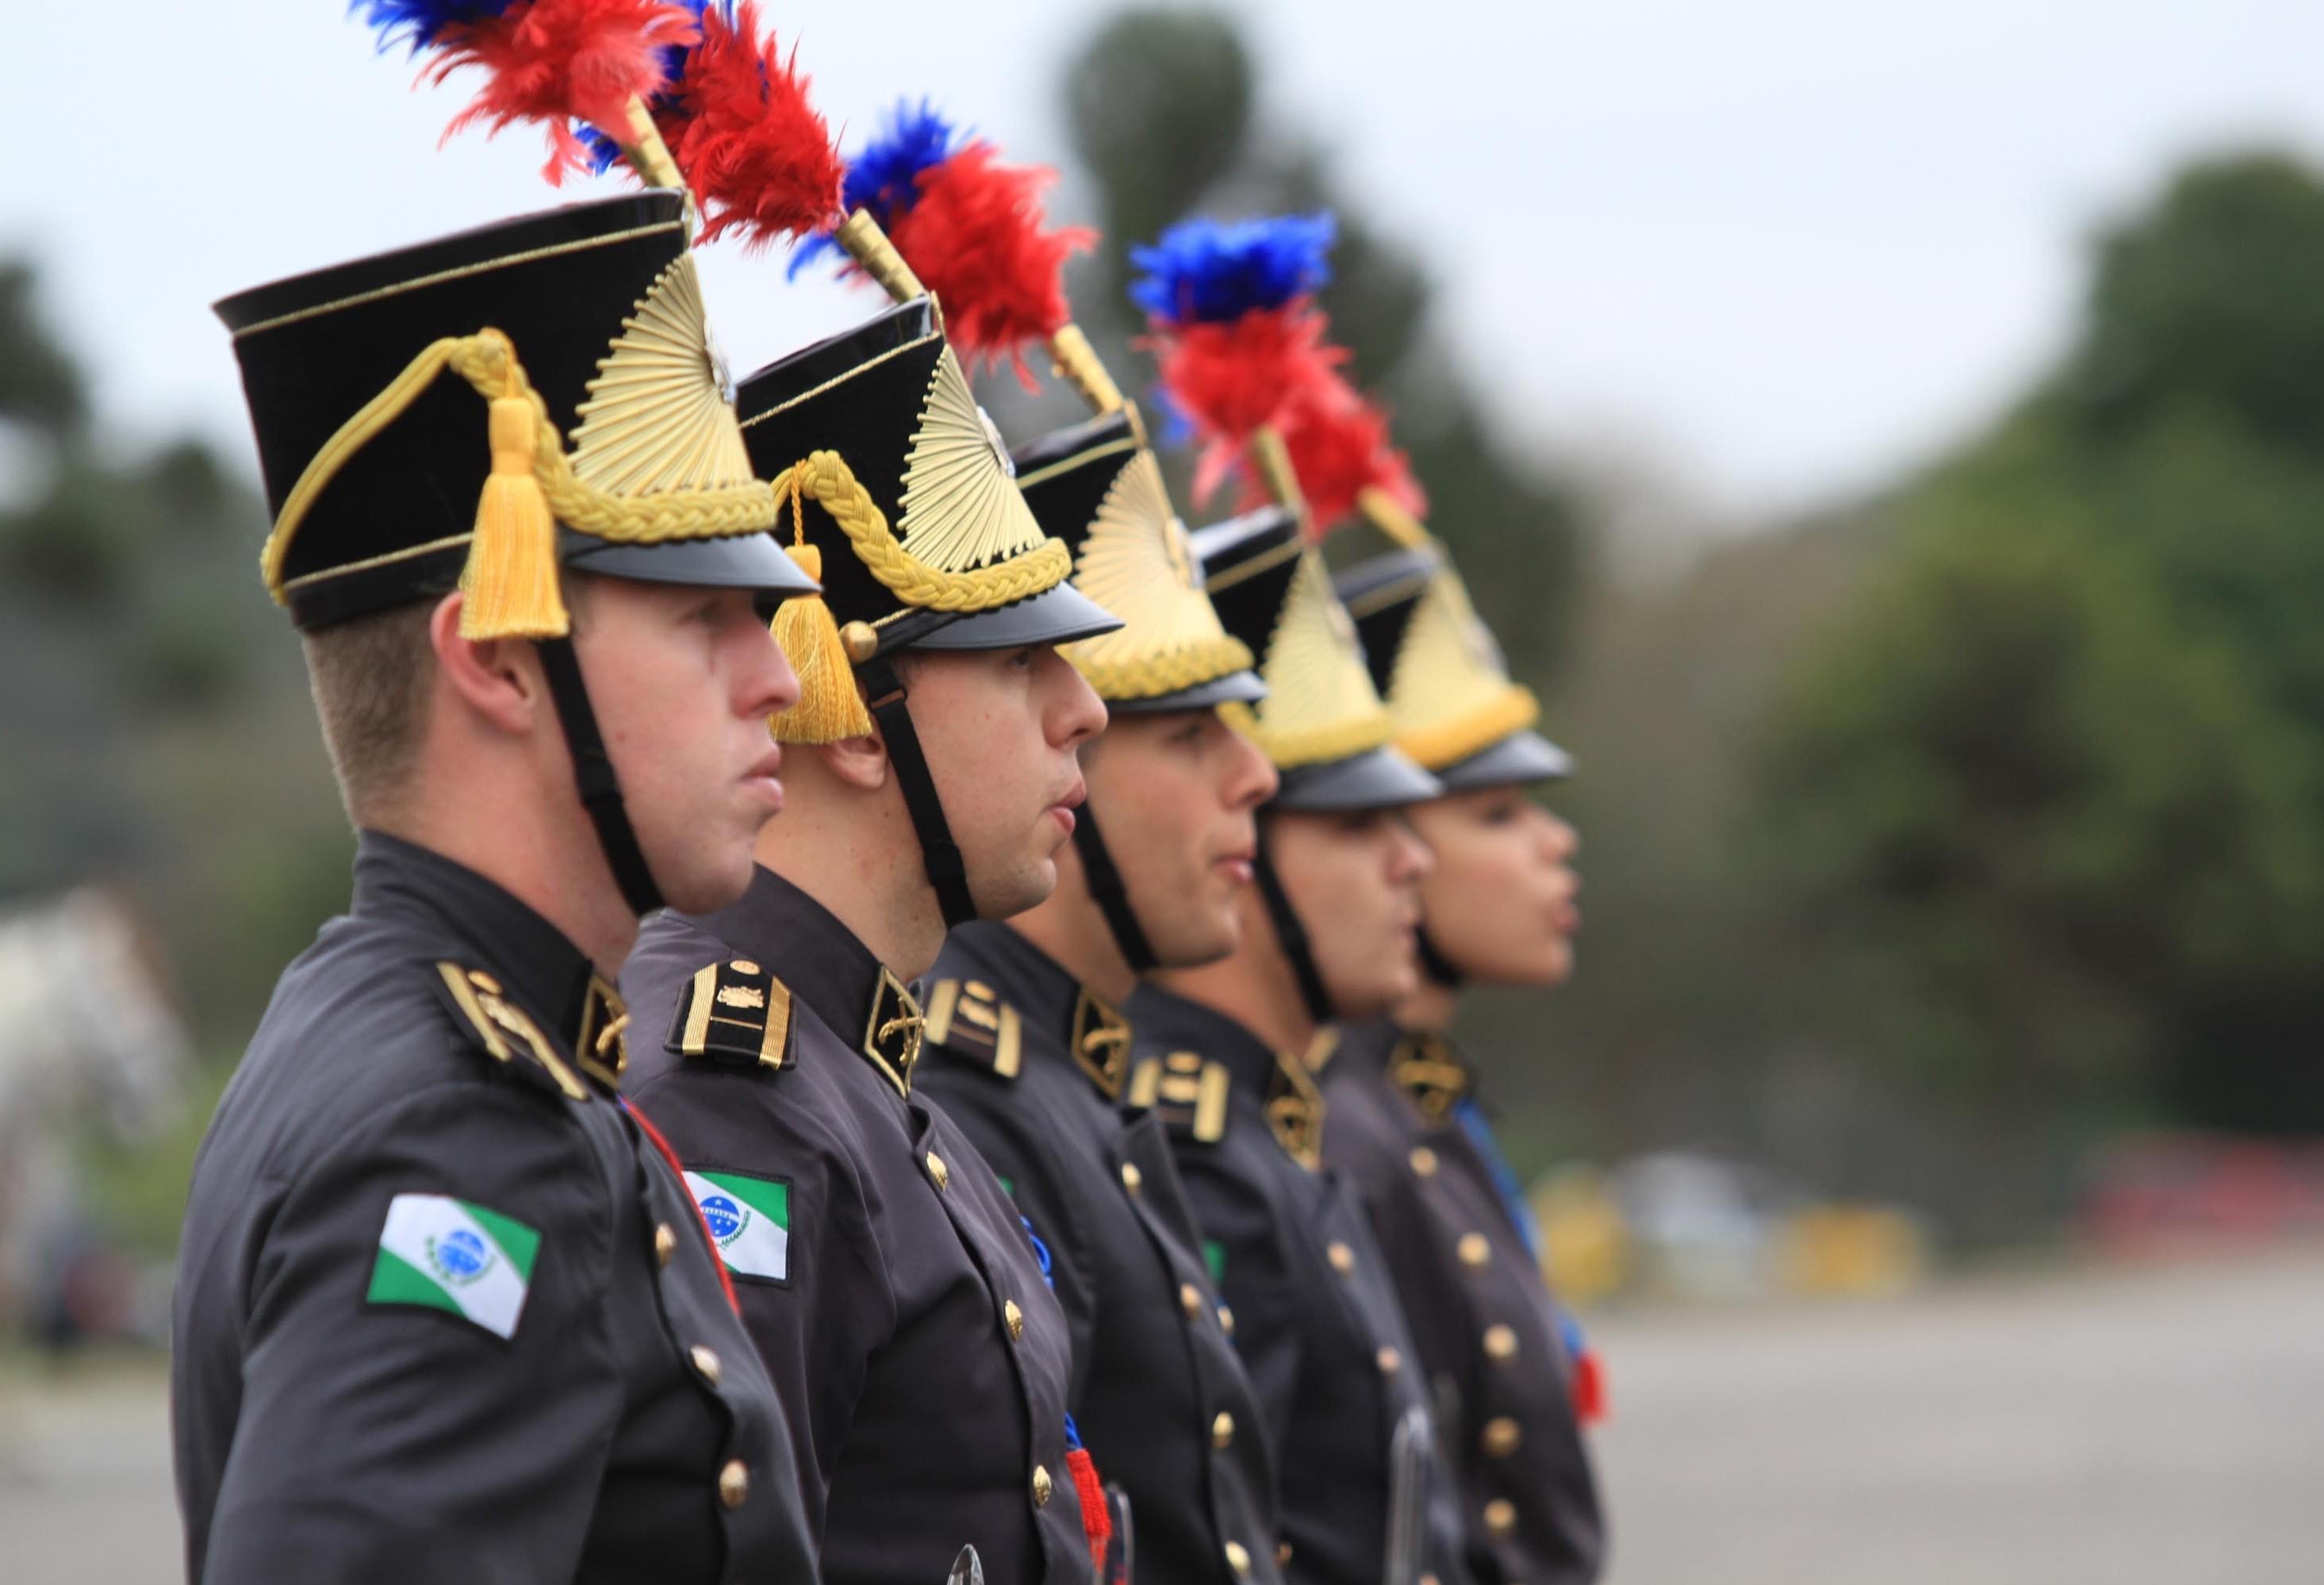 Abertas inscrições para seleção para o ingresso no curso de formação de oficiais da Polícia Militar do Paraná